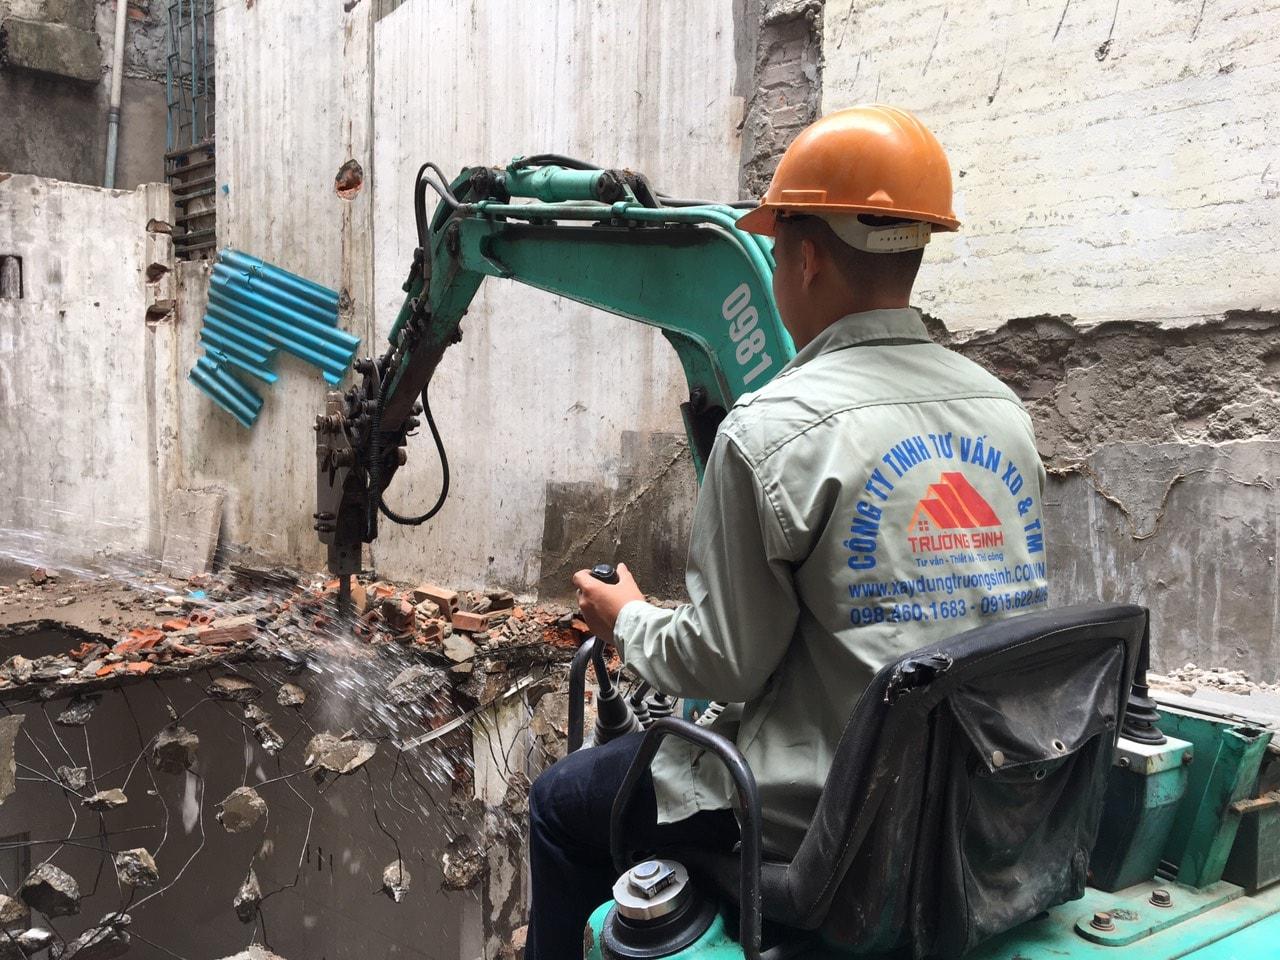 Báo giá phá dỡ nhà cũ tại Hà Nội [Update T4/2020 XD Trường Sinh]